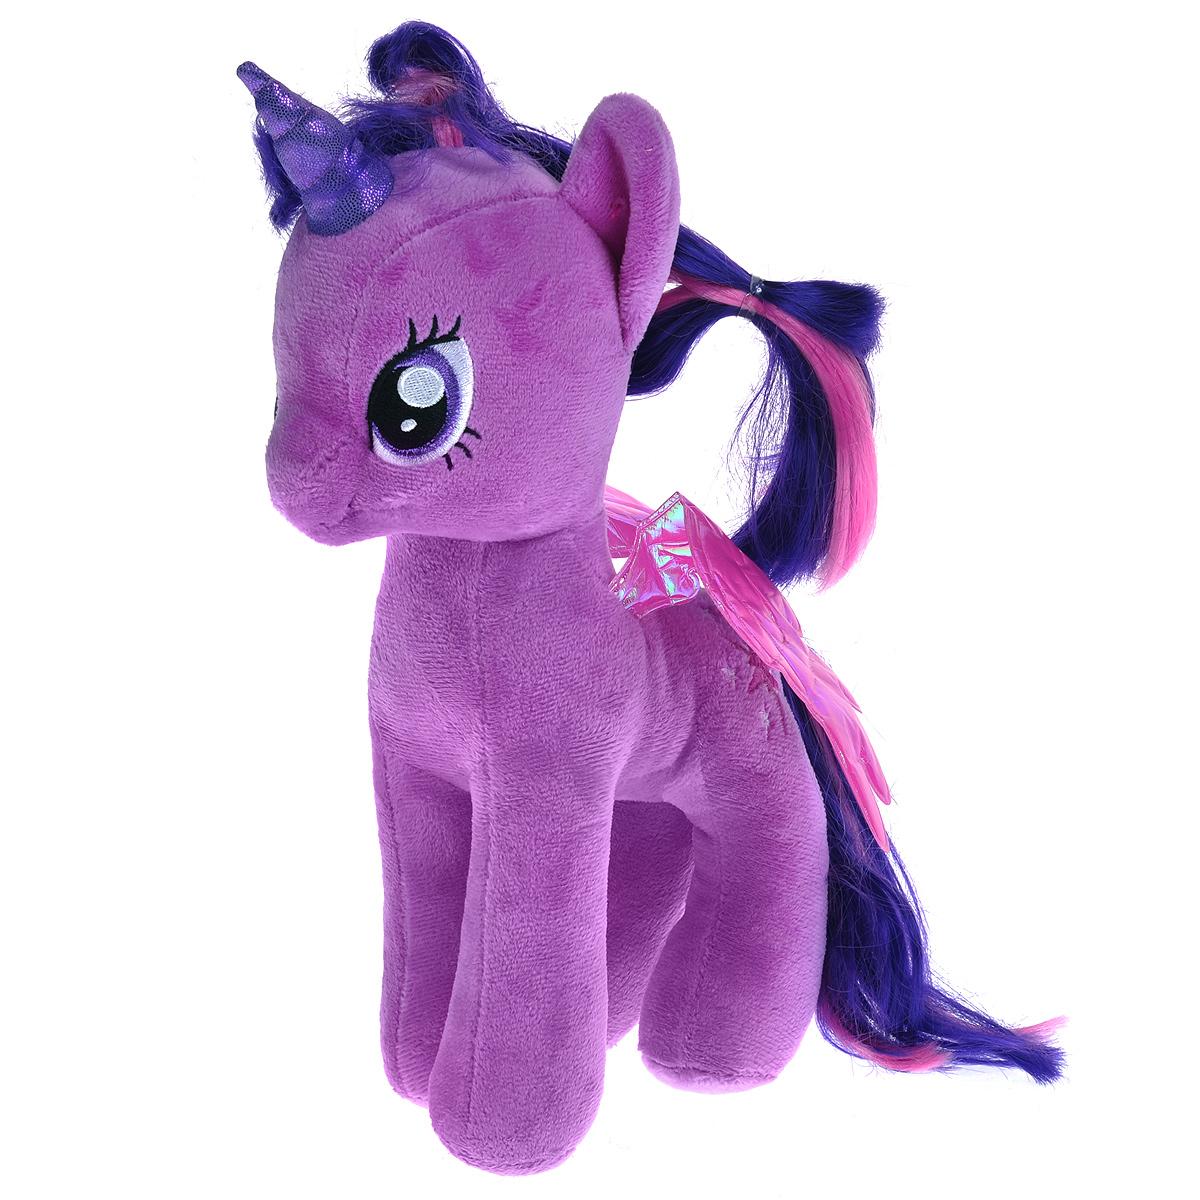 My Little Pony. Пони Twilight Sparkle, 29 см90204Мягкая игрушка Twilight Sparkle выполнена в виде очаровательного пони фиолетового цвета с длинным хвостом, гривой и крылышками. Специальные гранулы, используемые при ее набивке, способствуют развитию мелкой моторики рук малыша. Удивительно мягкая игрушка принесет радость и подарит своему обладателю мгновения нежных объятий и приятных воспоминаний. В качестве набивки используется синтепон. Великолепное качество исполнения делают эту игрушку чудесным подарком к любому празднику.